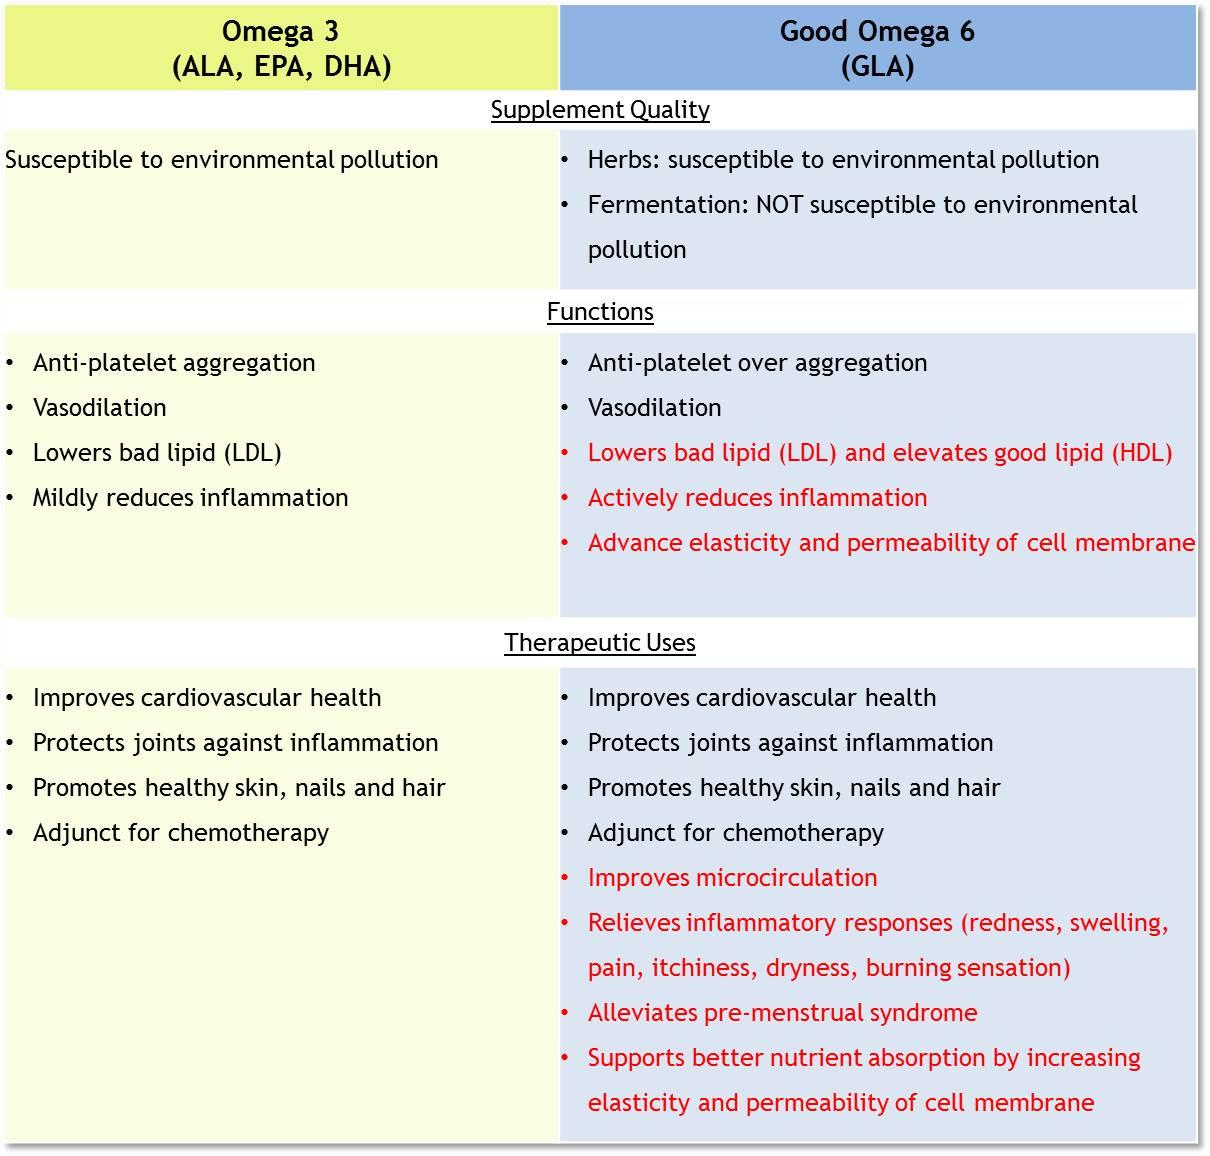 O3 vs GLA